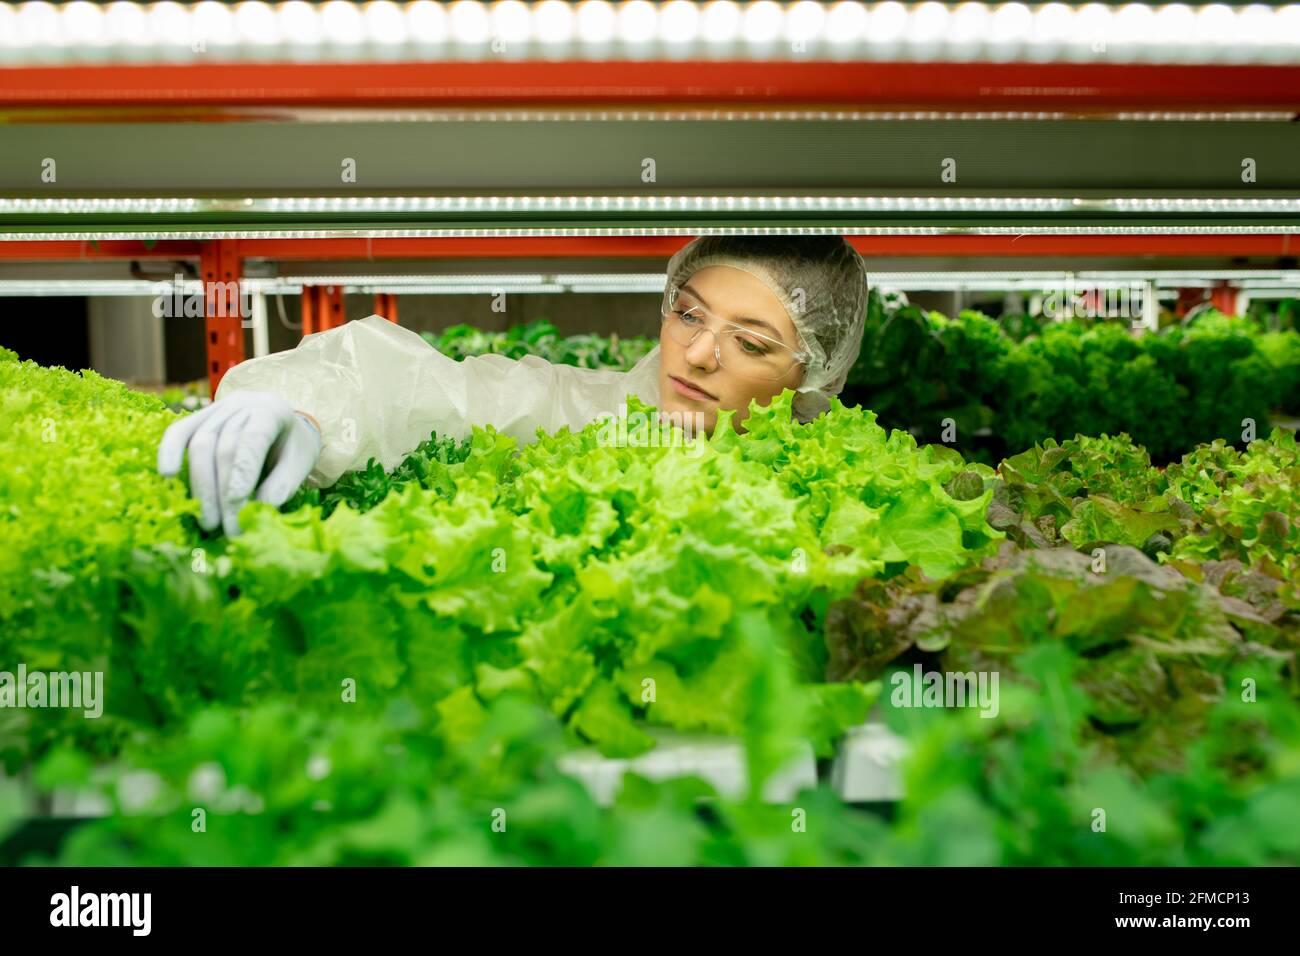 Jeune femme travaillant de planthouse concentrée dans des lunettes de sécurité et du latex gants touchant les feuilles tout en contrôlant la qualité des verts Banque D'Images